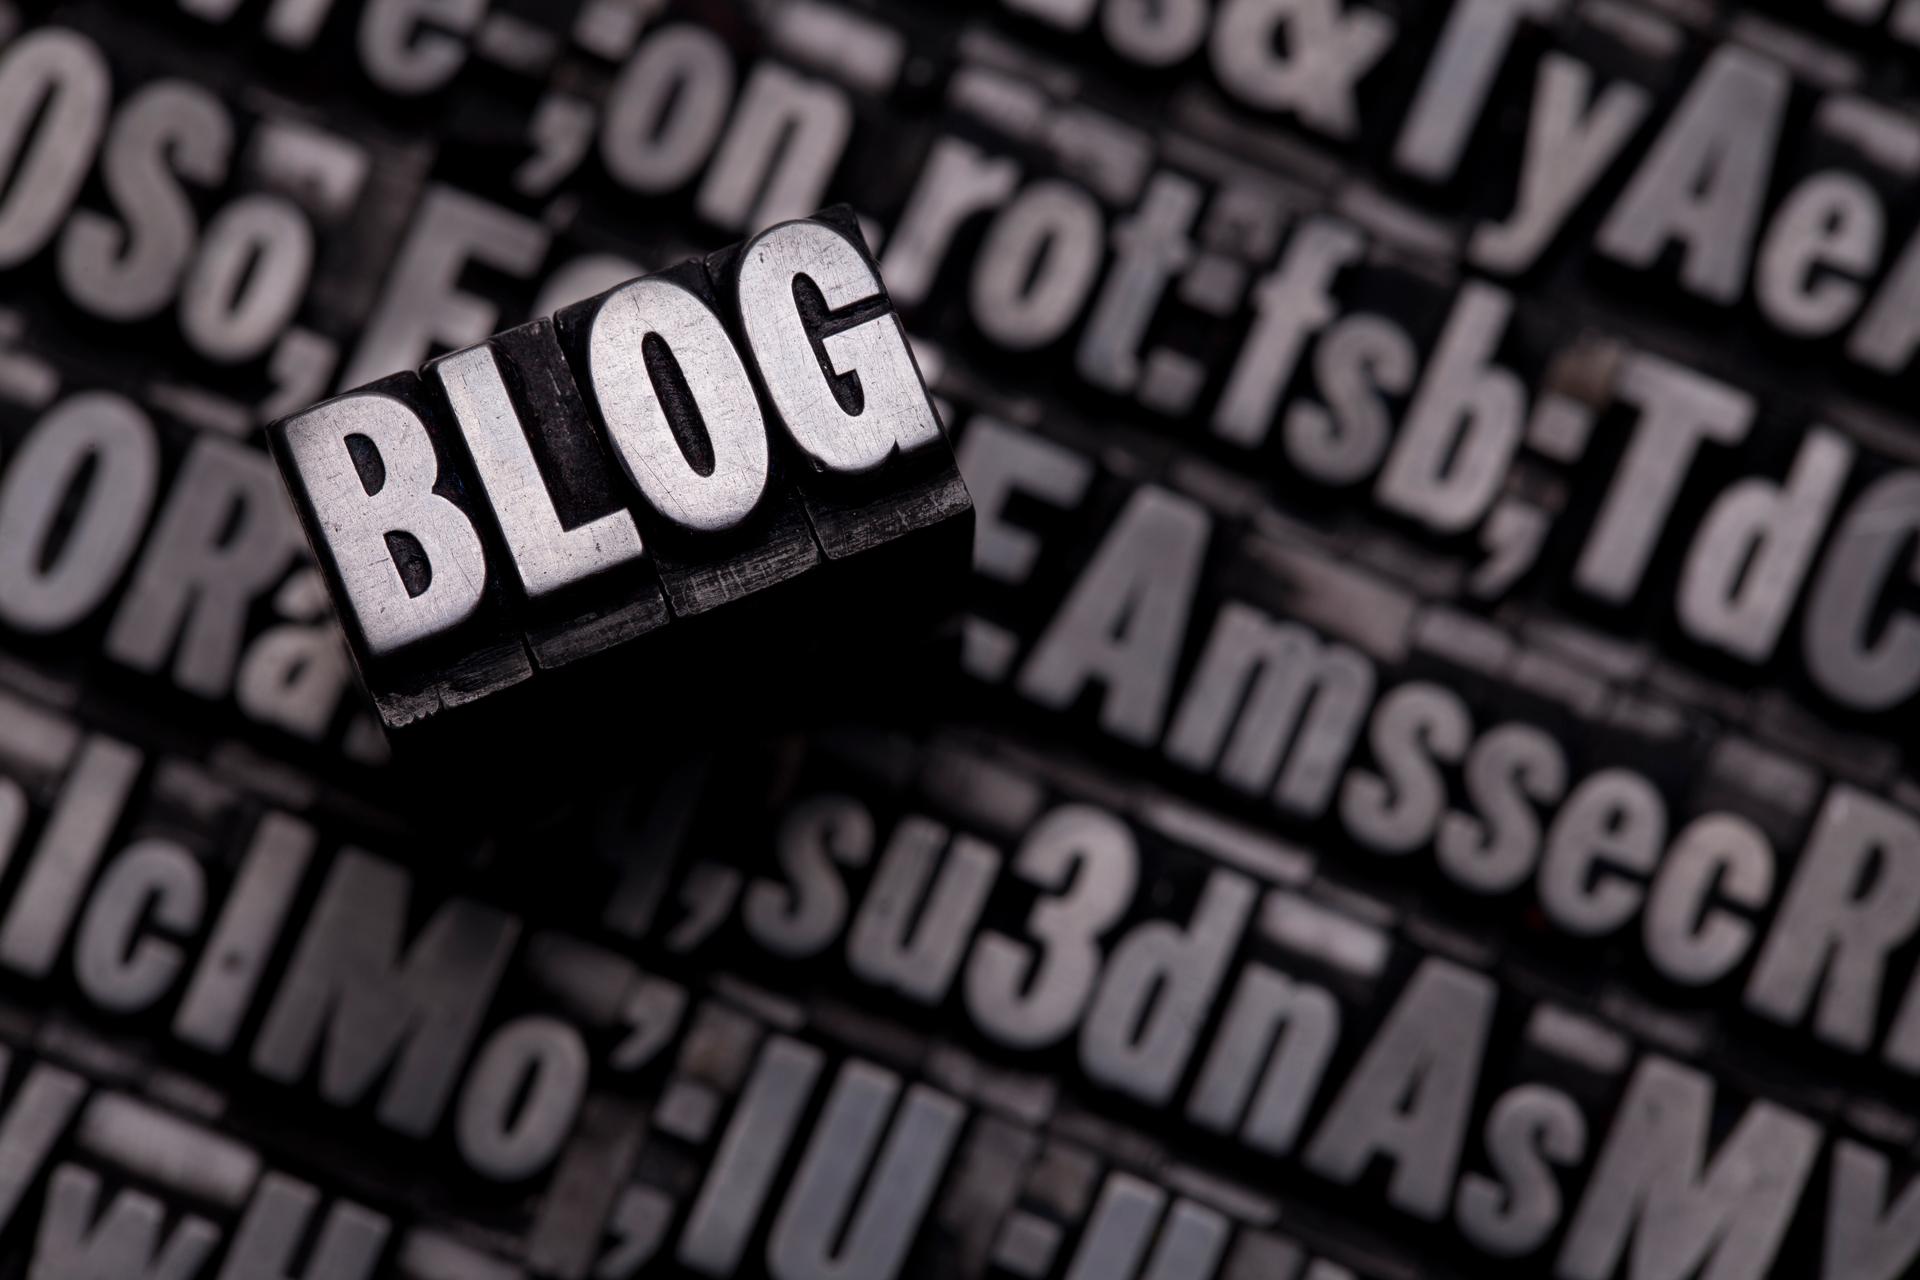 De Blog DAVO Fulfilment Services